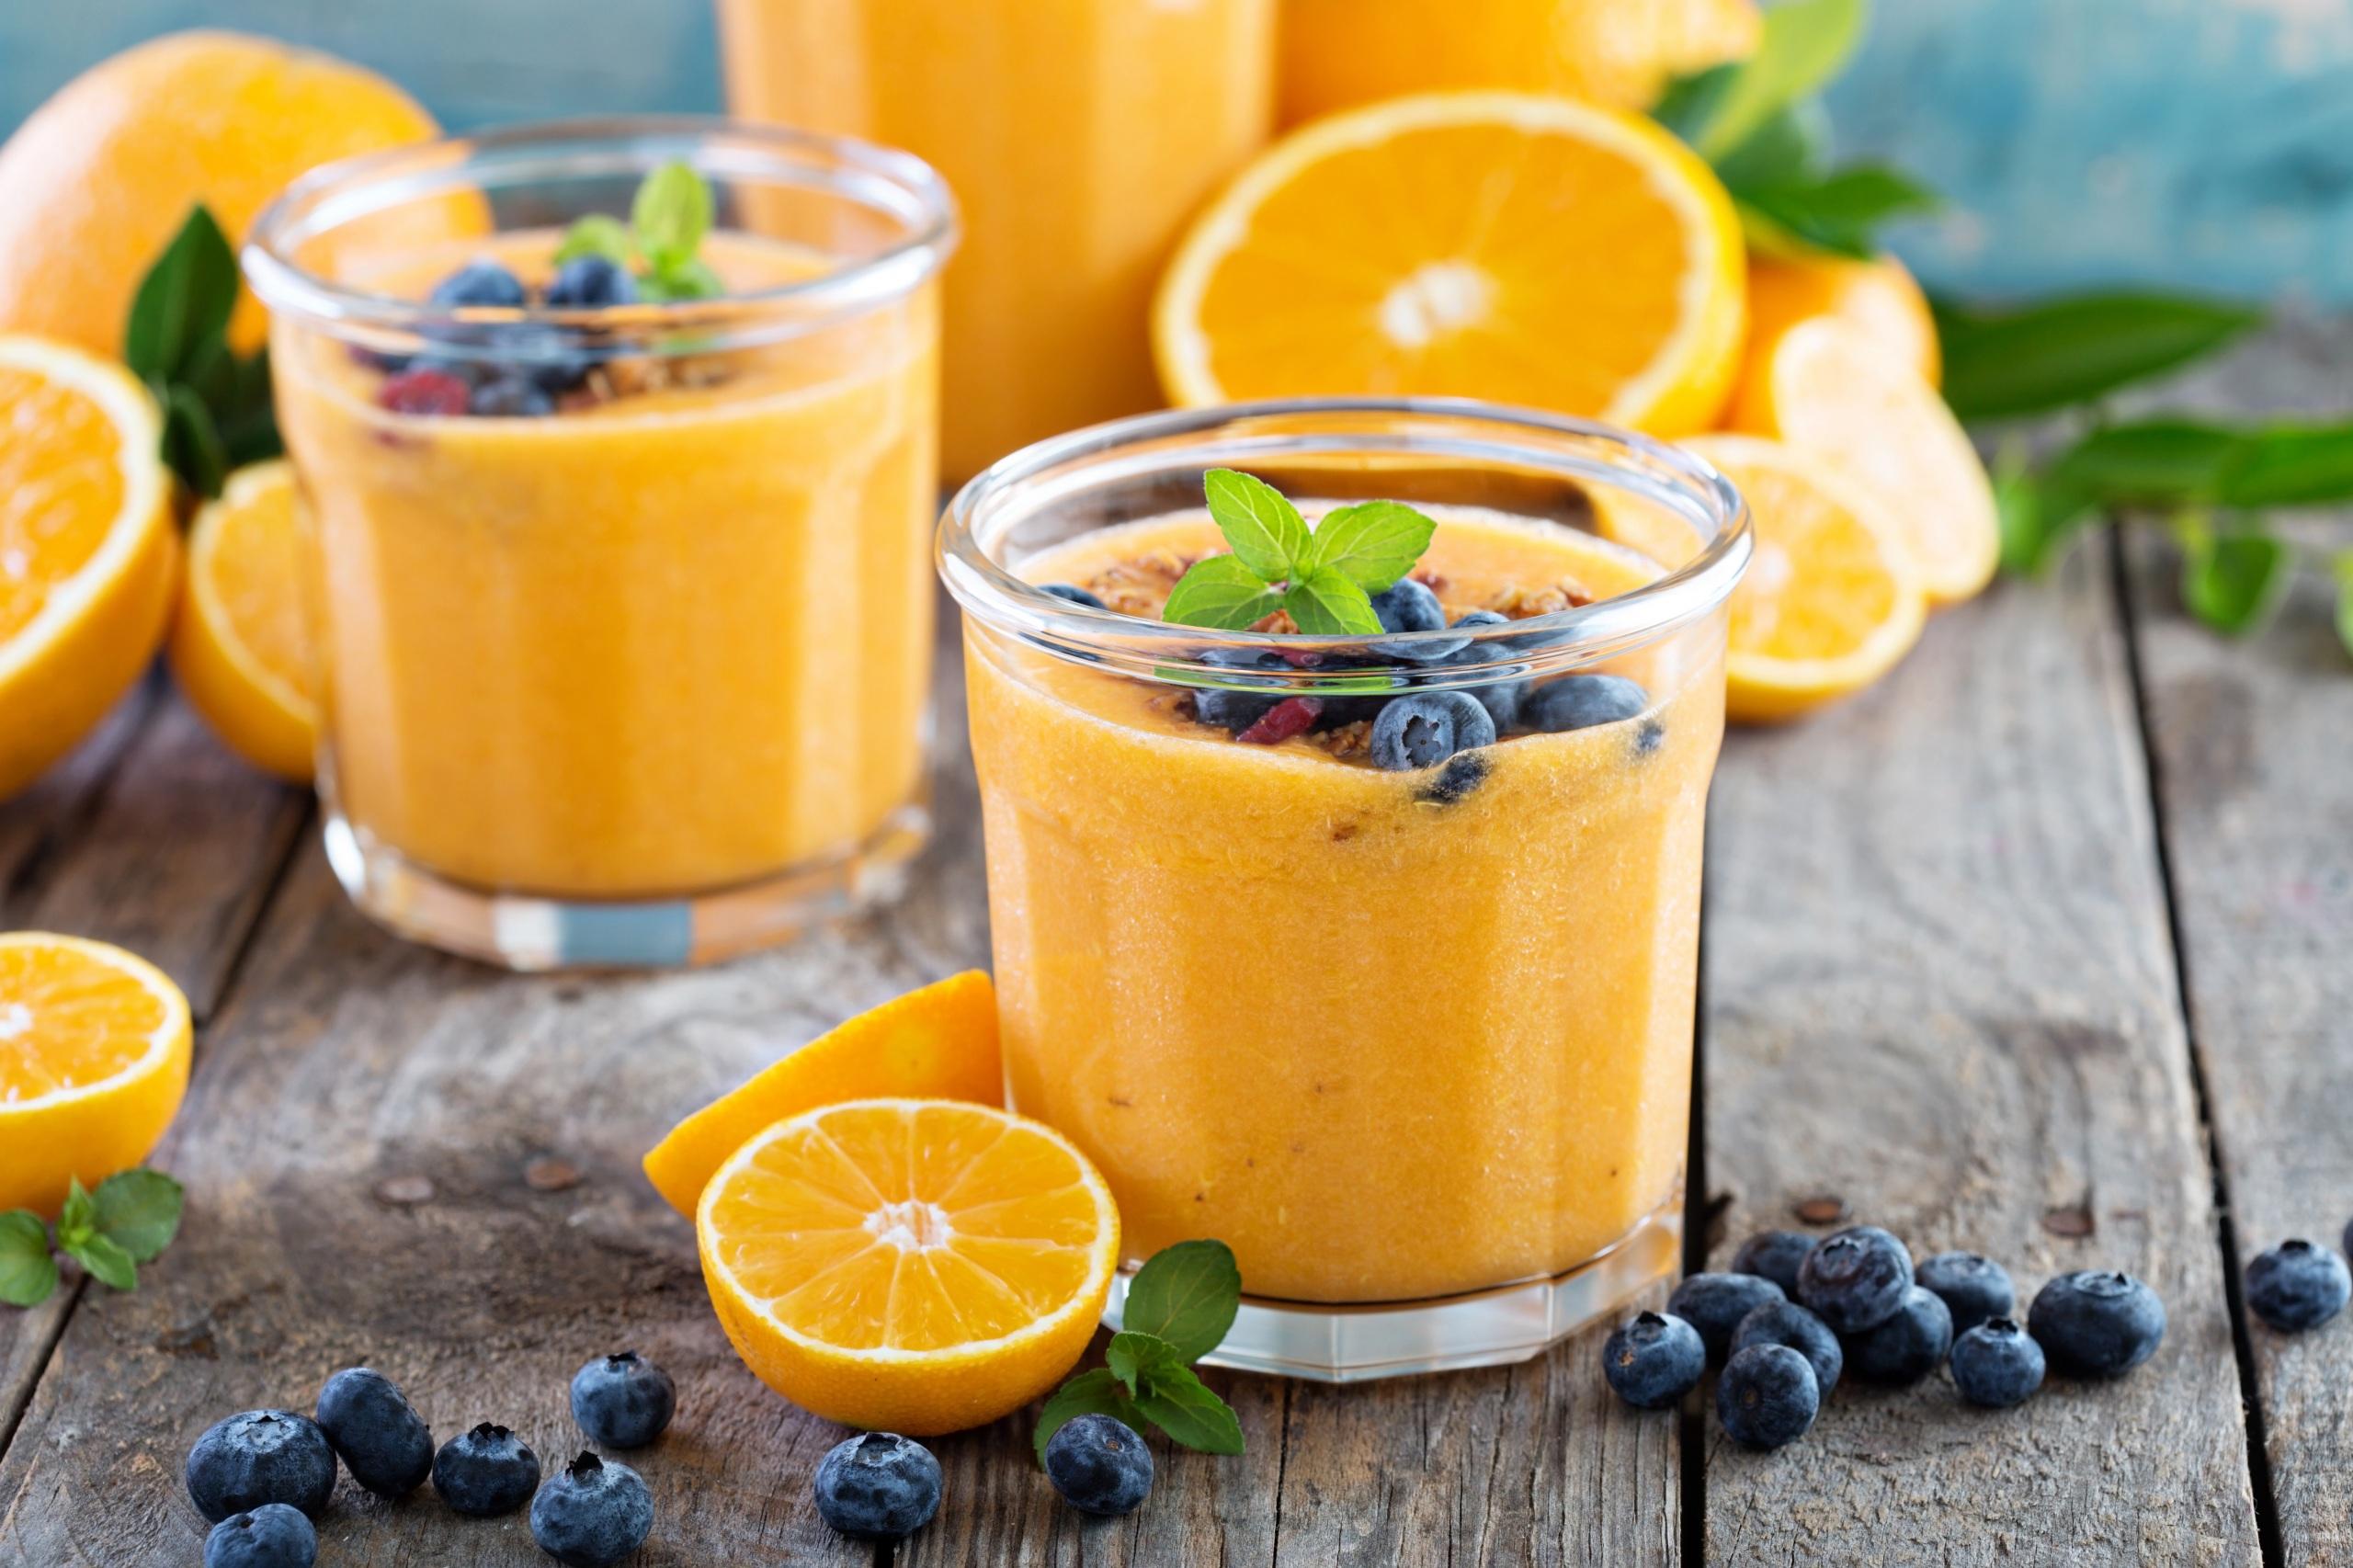 Картинки Сок Апельсин стакане Черника Продукты питания Доски 2560x1706 Стакан стакана Еда Пища